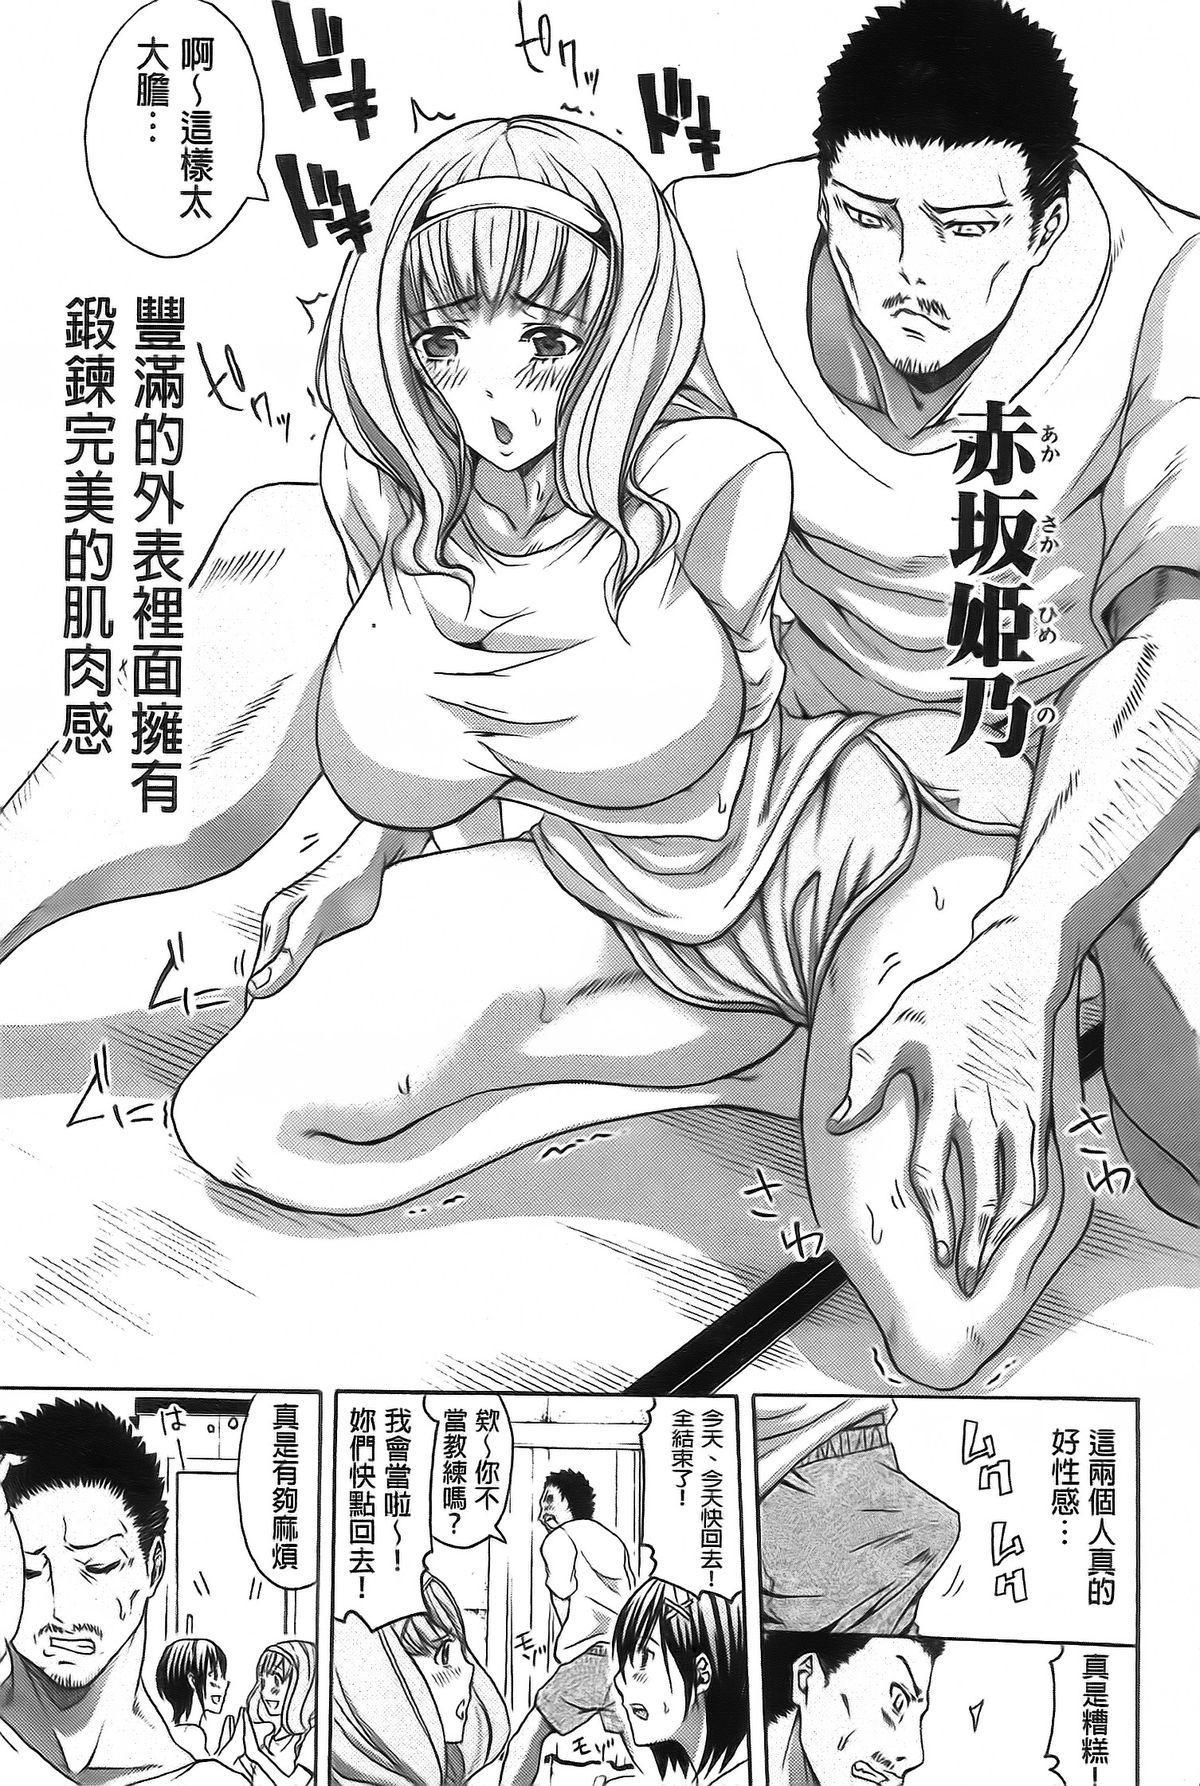 Bukatsu shoujo to amai ase 100